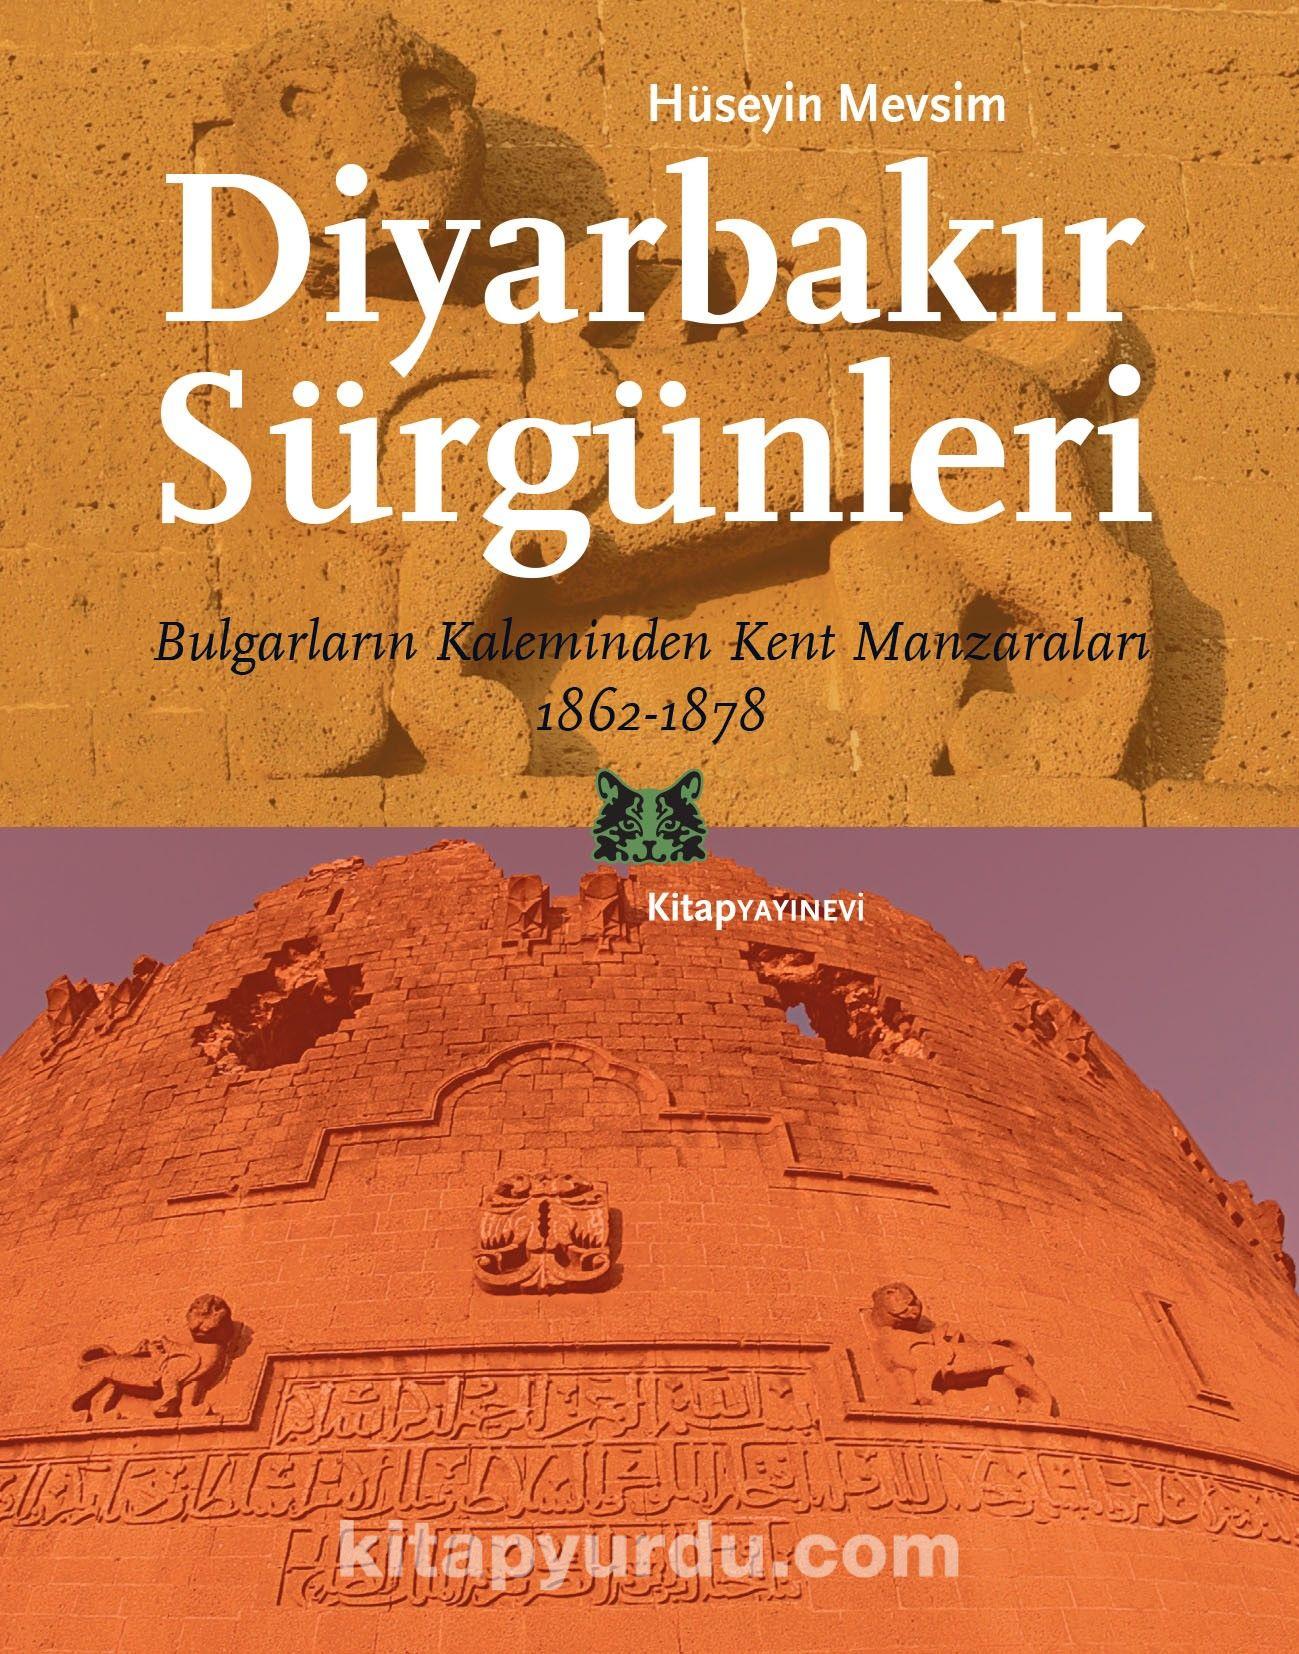 Diyarbakır SürgünleriBulgarların Kaleminden Kent Manzaraları 1862-1878